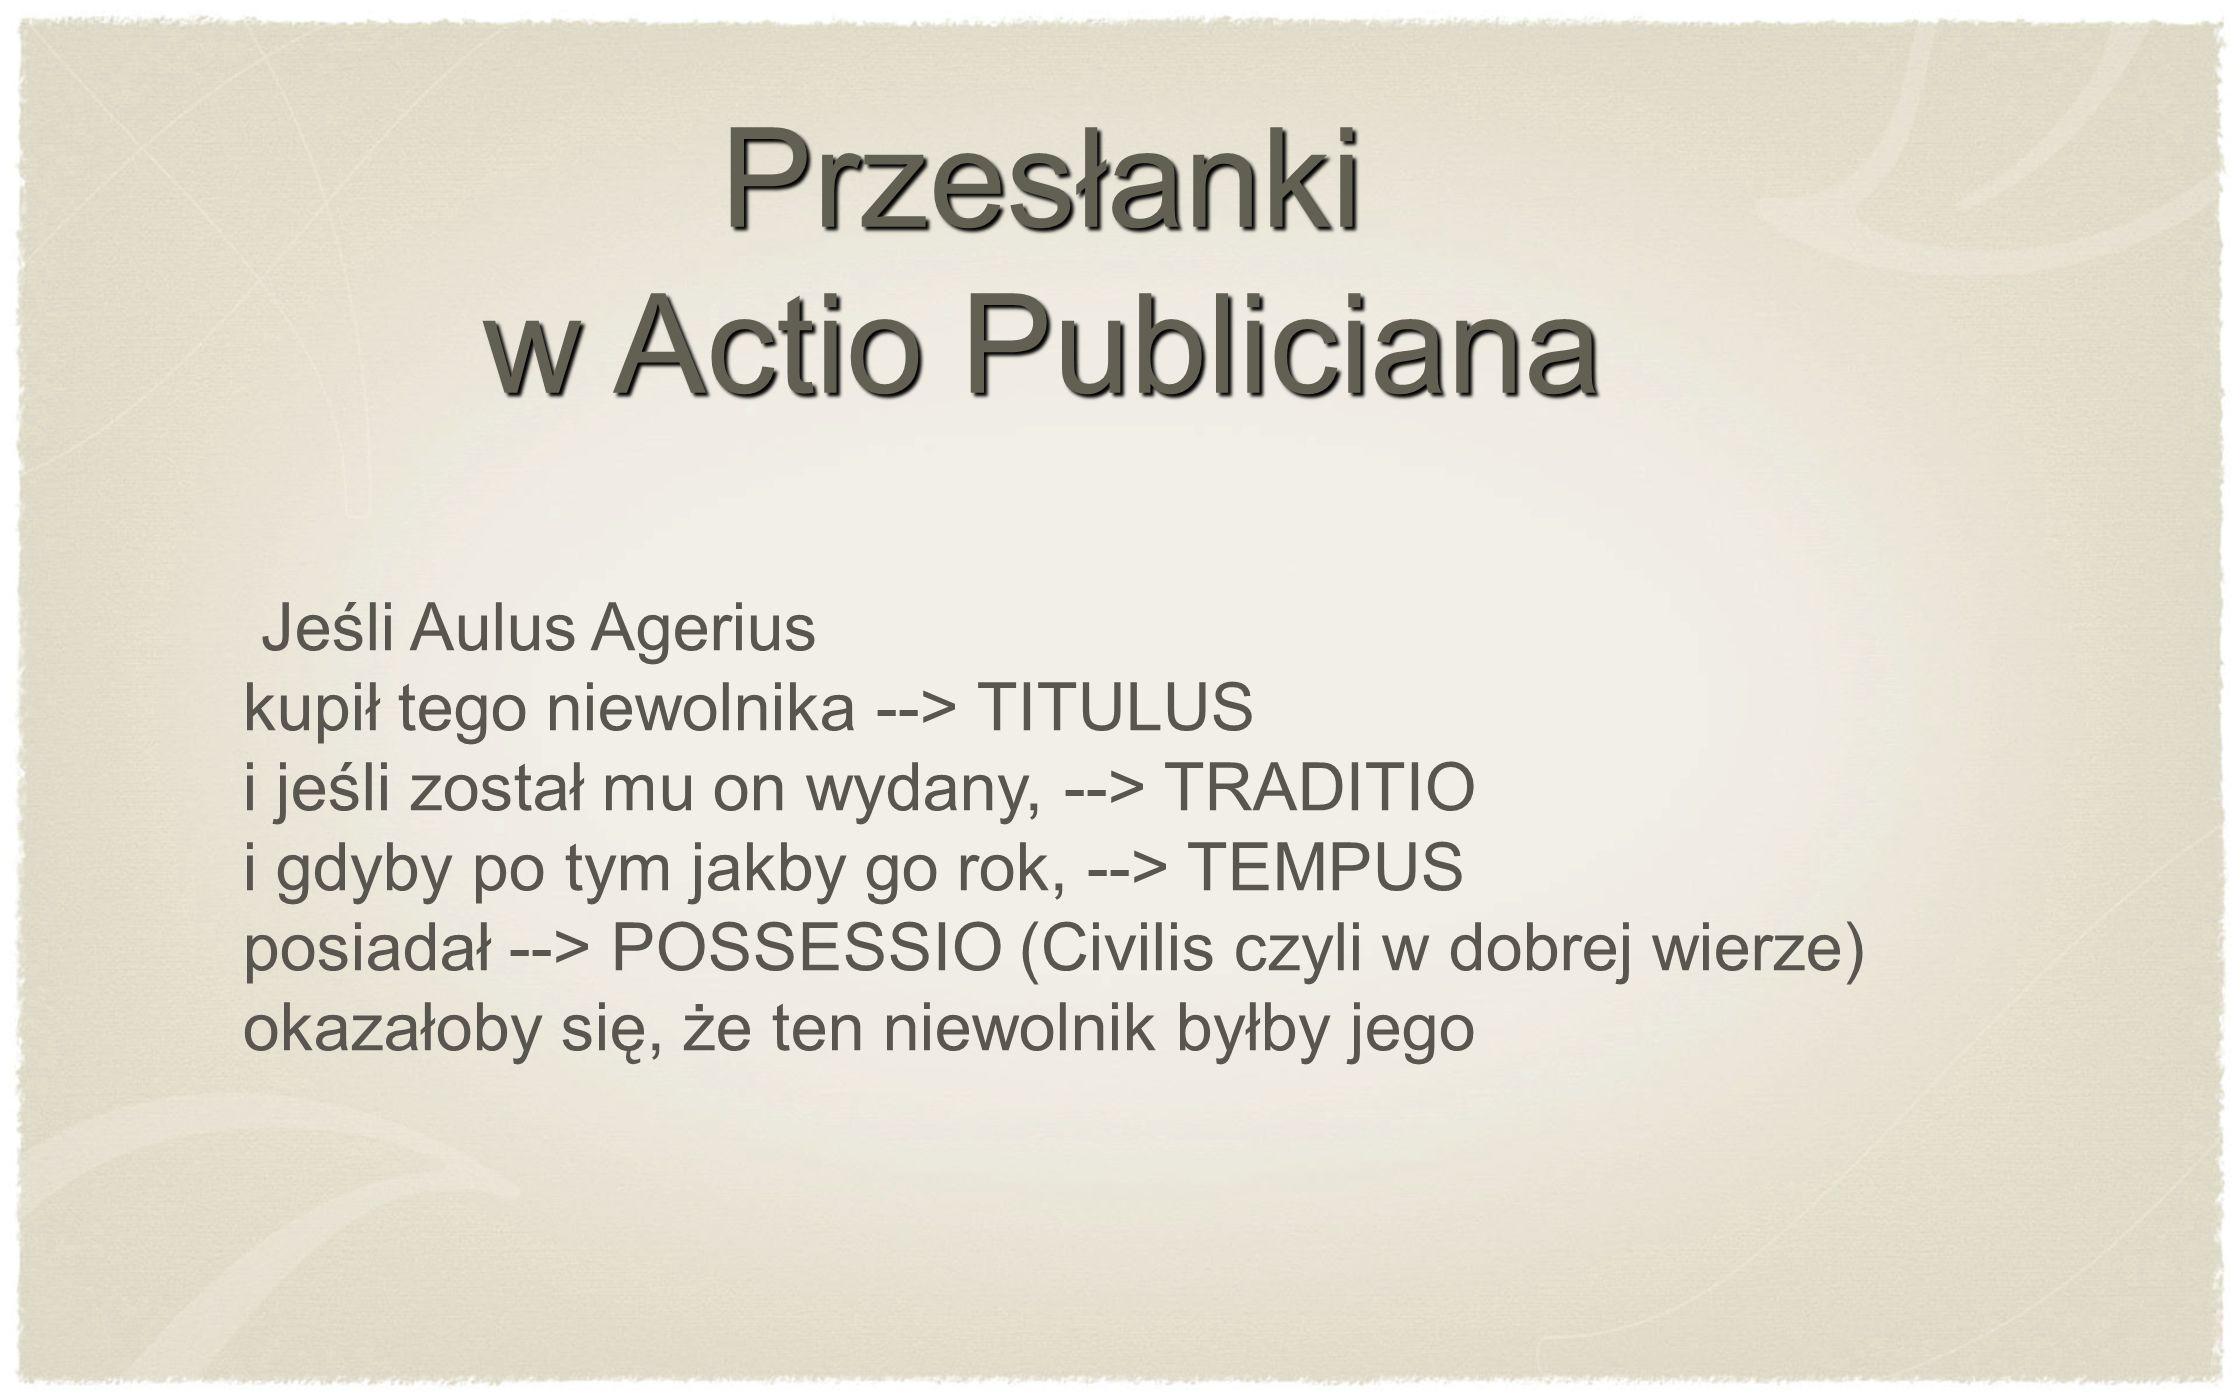 Jeśli Aulus Agerius kupił tego niewolnika --> TITULUS i jeśli został mu on wydany, --> TRADITIO i gdyby po tym jakby go rok, --> TEMPUS posiadał --> P